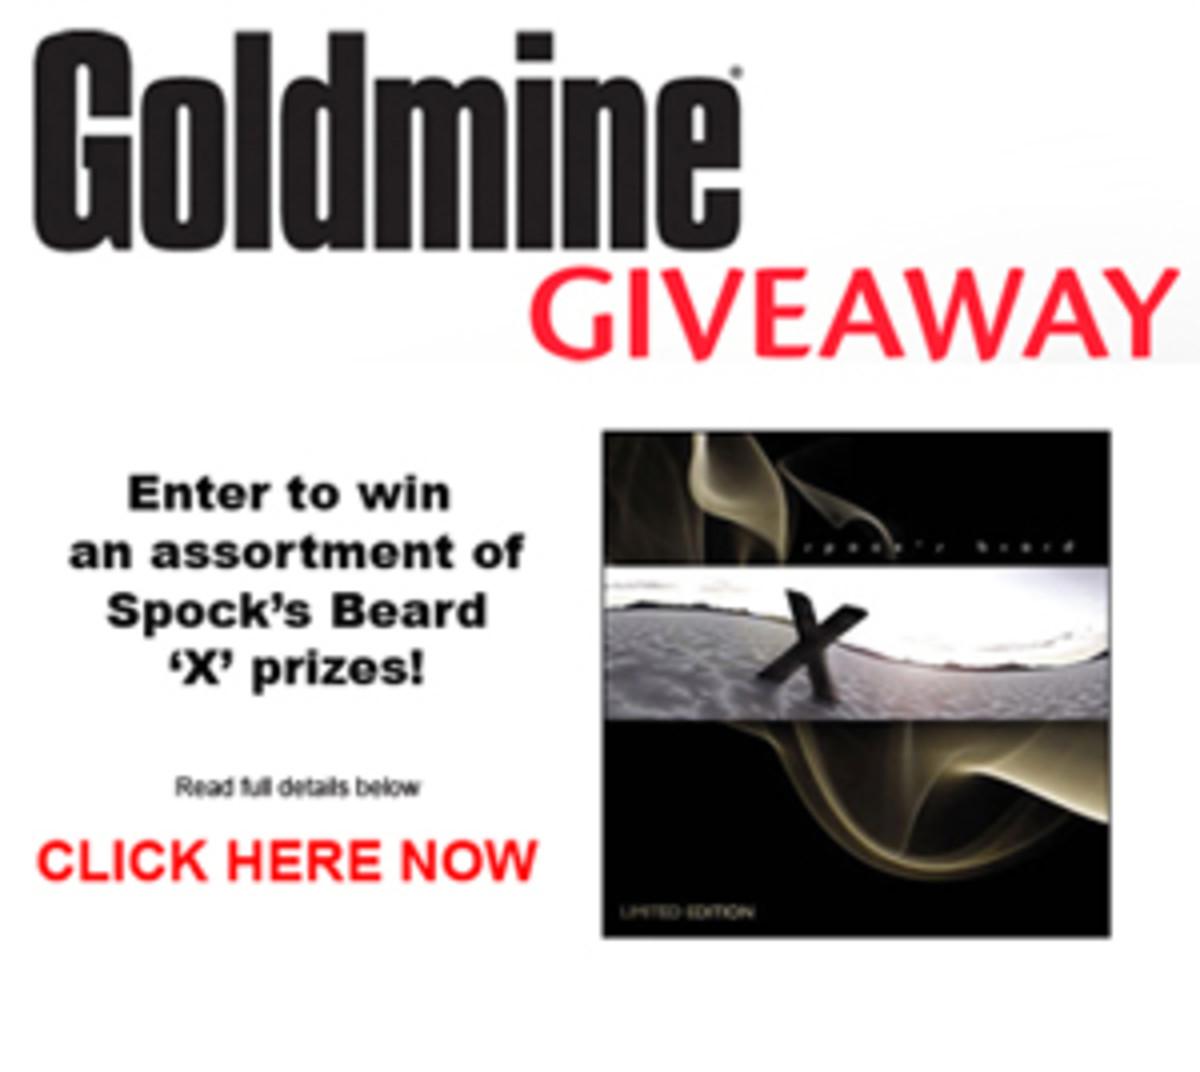 Goldmine_Giveaway_SB